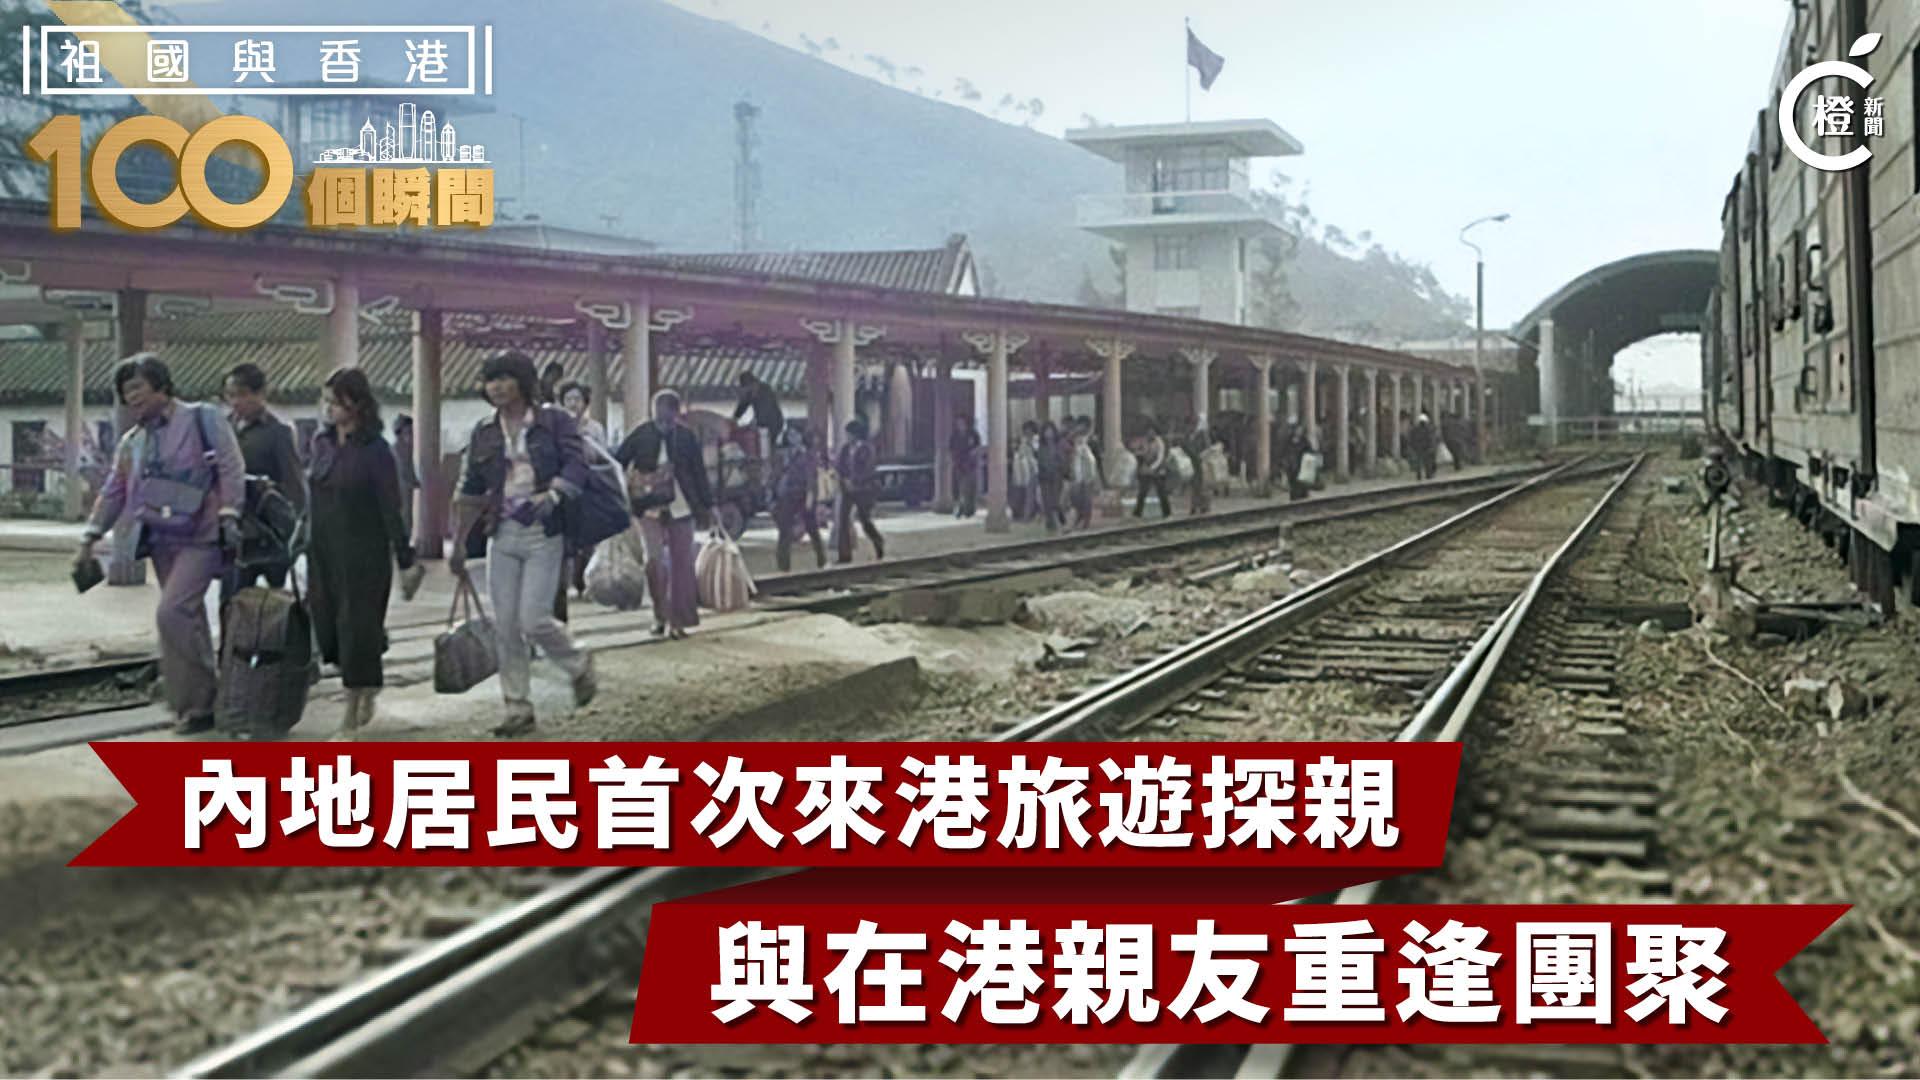 【祖國與香港100個瞬間】內地居民首次來港旅遊探親 開啟兩地民眾交流